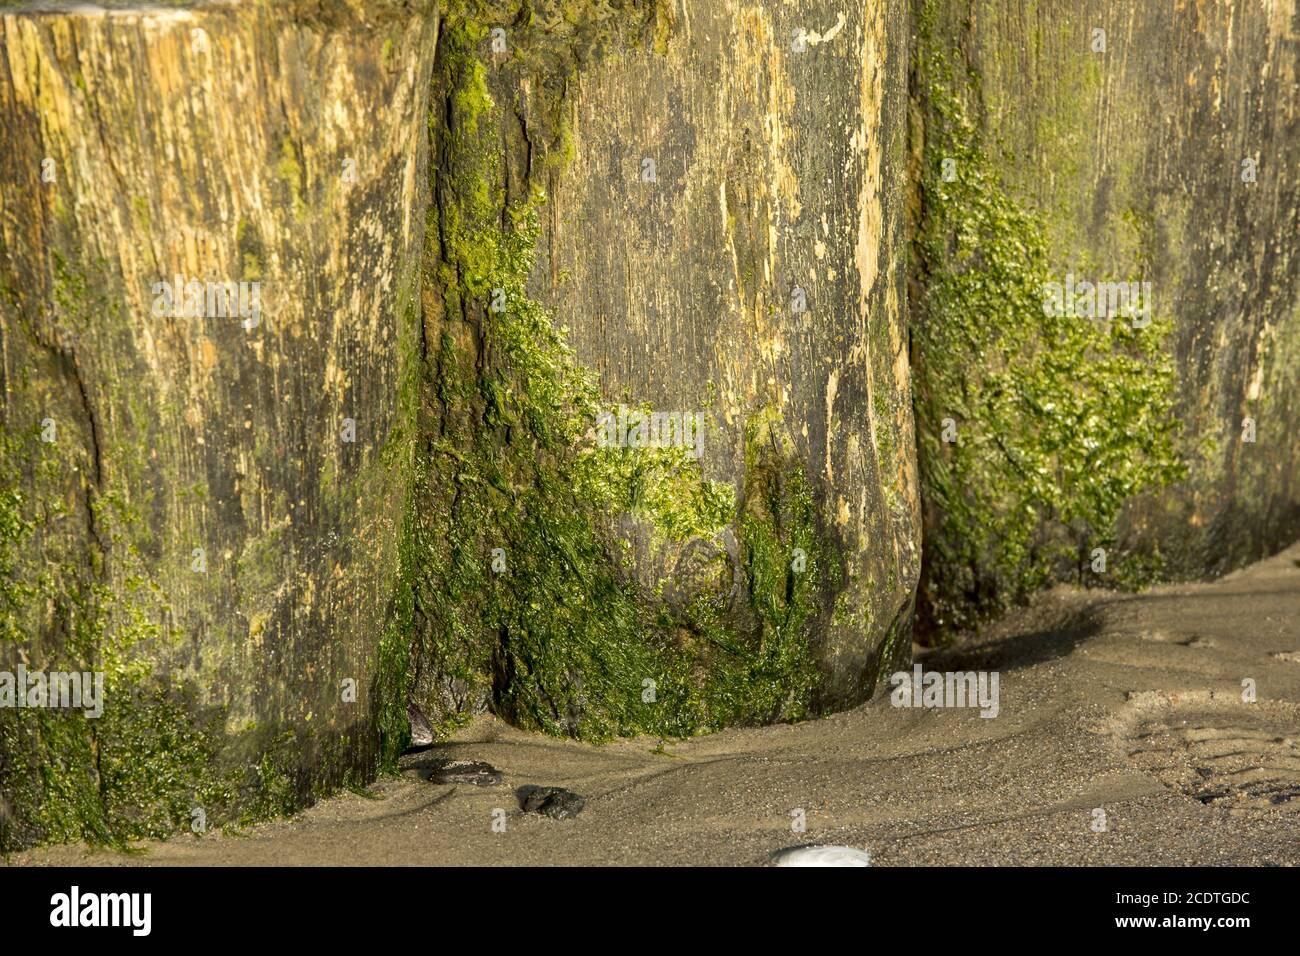 Nahaufnahme von Groynes am Sandstrand überwuchert mit Grünalgen Stockfoto